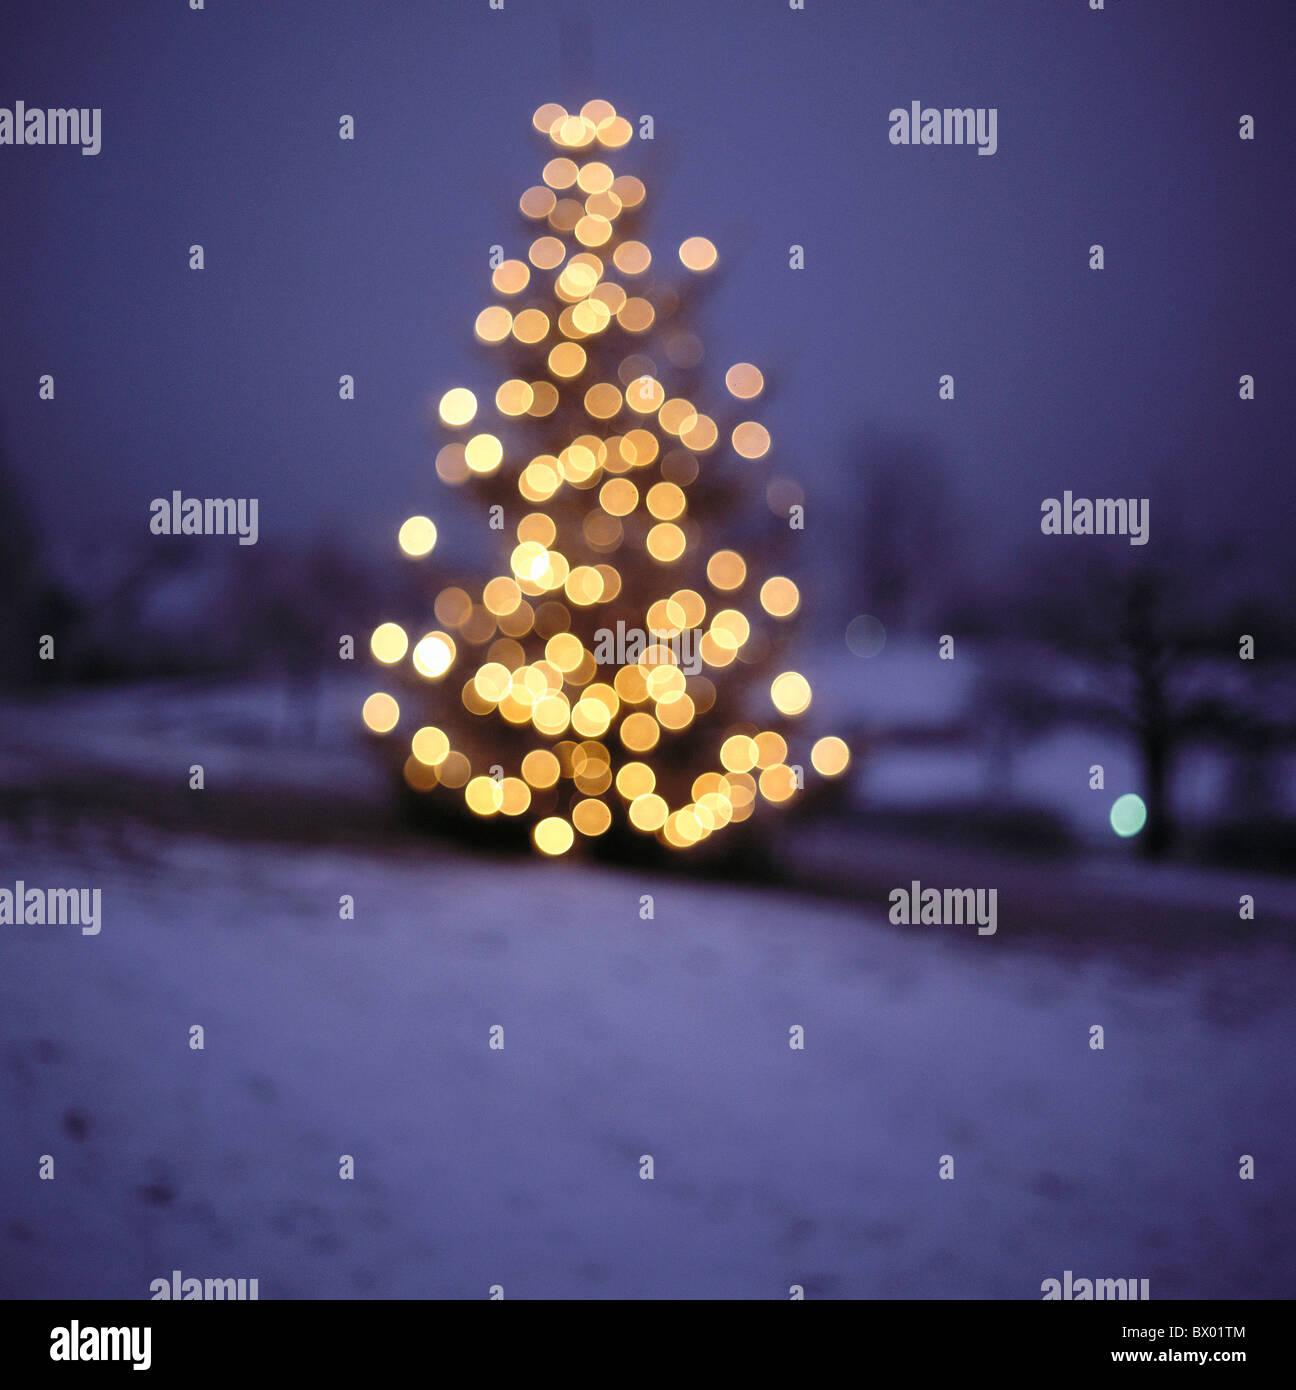 Impression de l'arbre de Noël de points de lumière la nuit de Noël flou Photo Stock